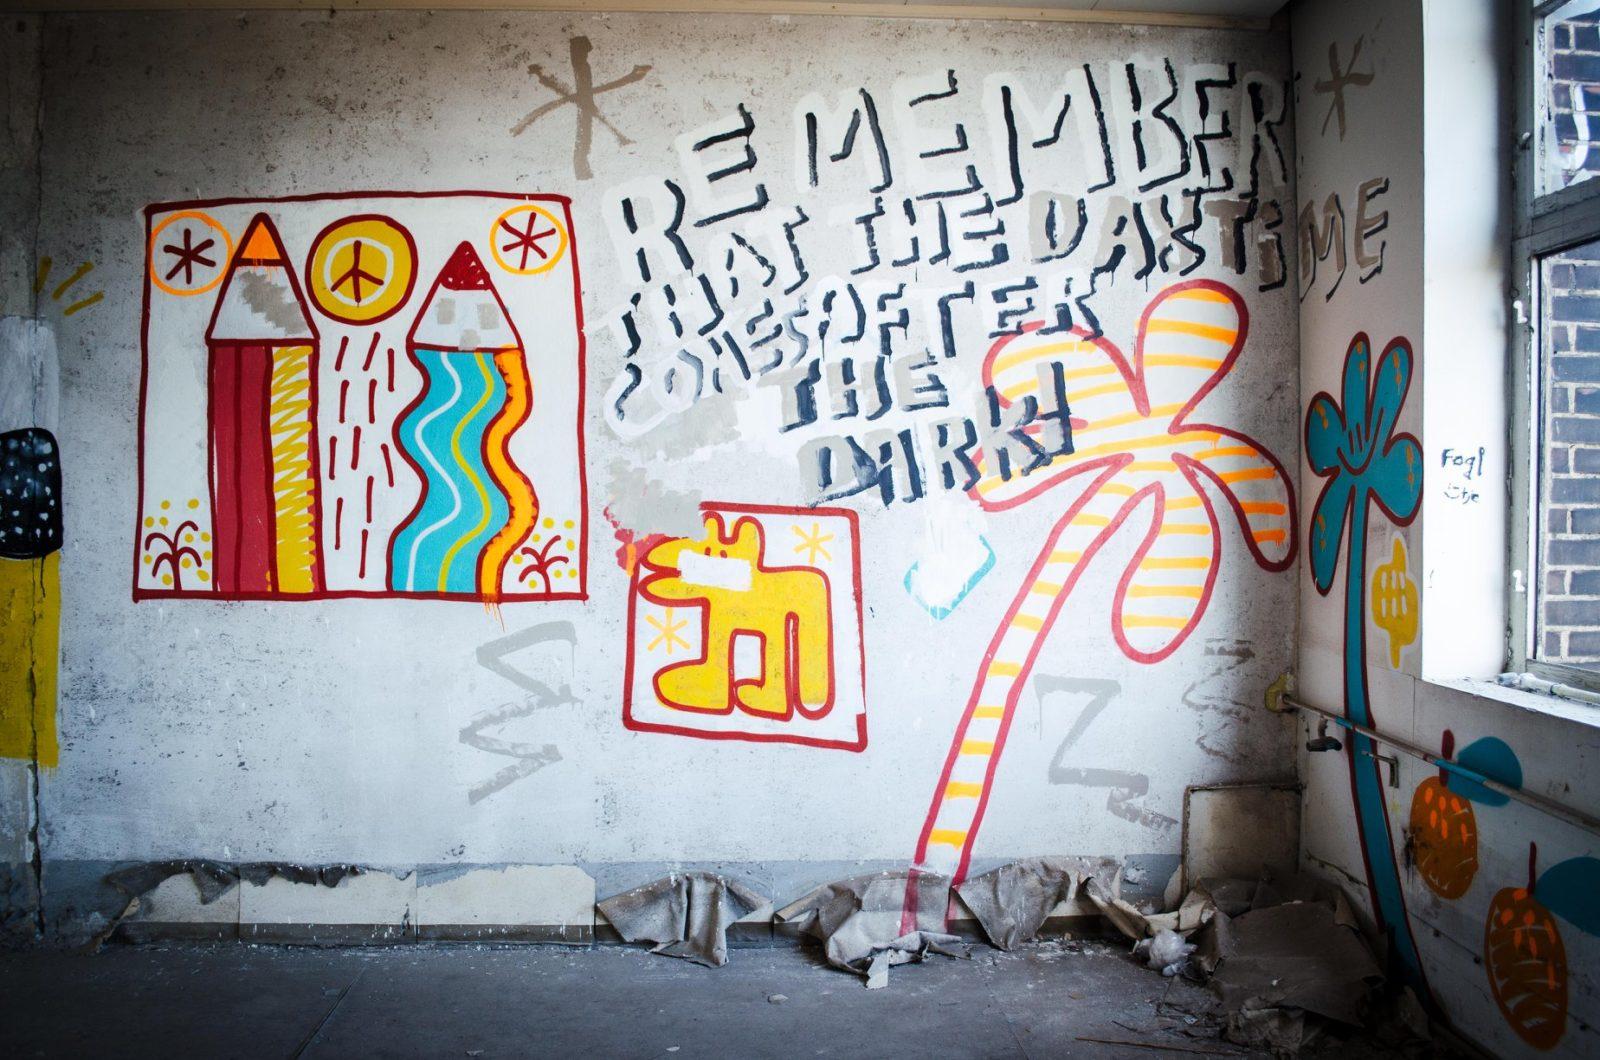 iBUG street art festival allemagne urbex friche abandonnee Billy copyright Loquita Pictures - Où partir cet été ? À la découverte des meilleurs festivals de street art en Europe